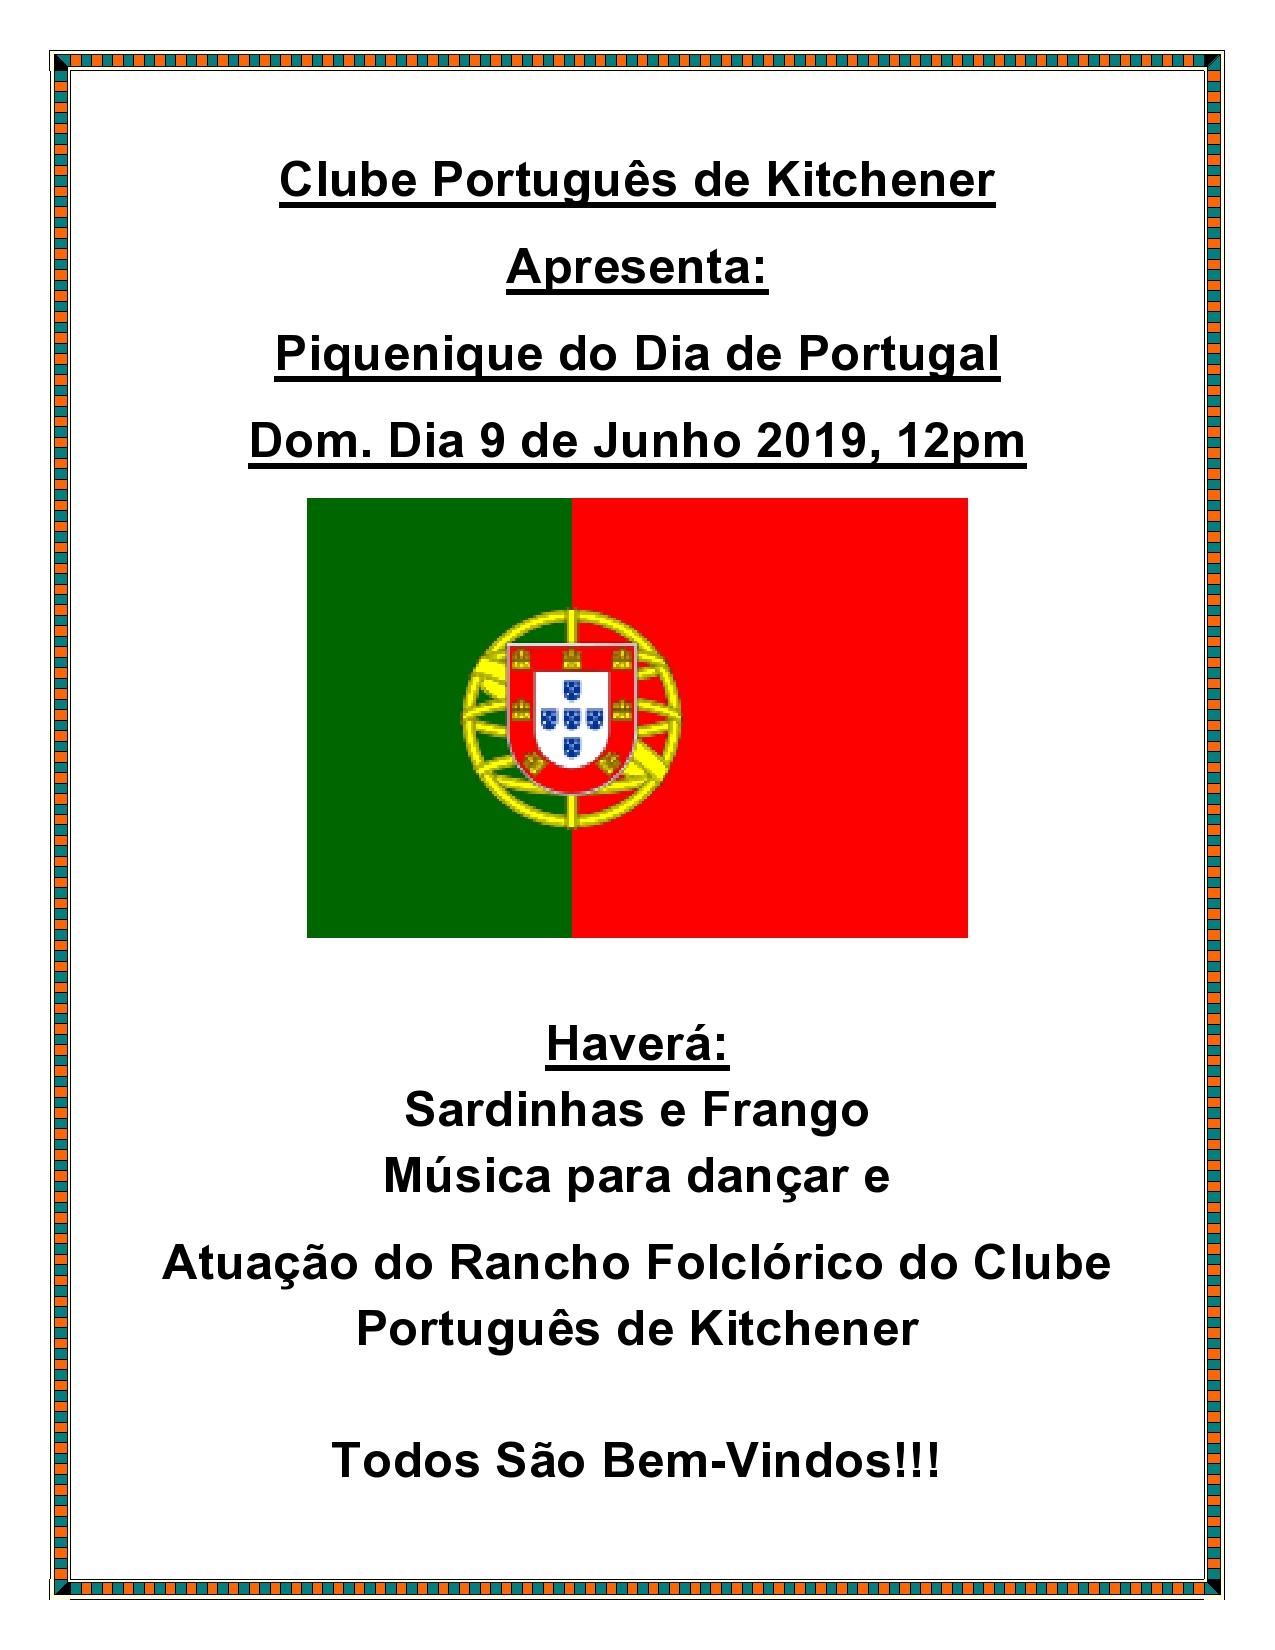 Piquenique do Dia de Portugal 2019